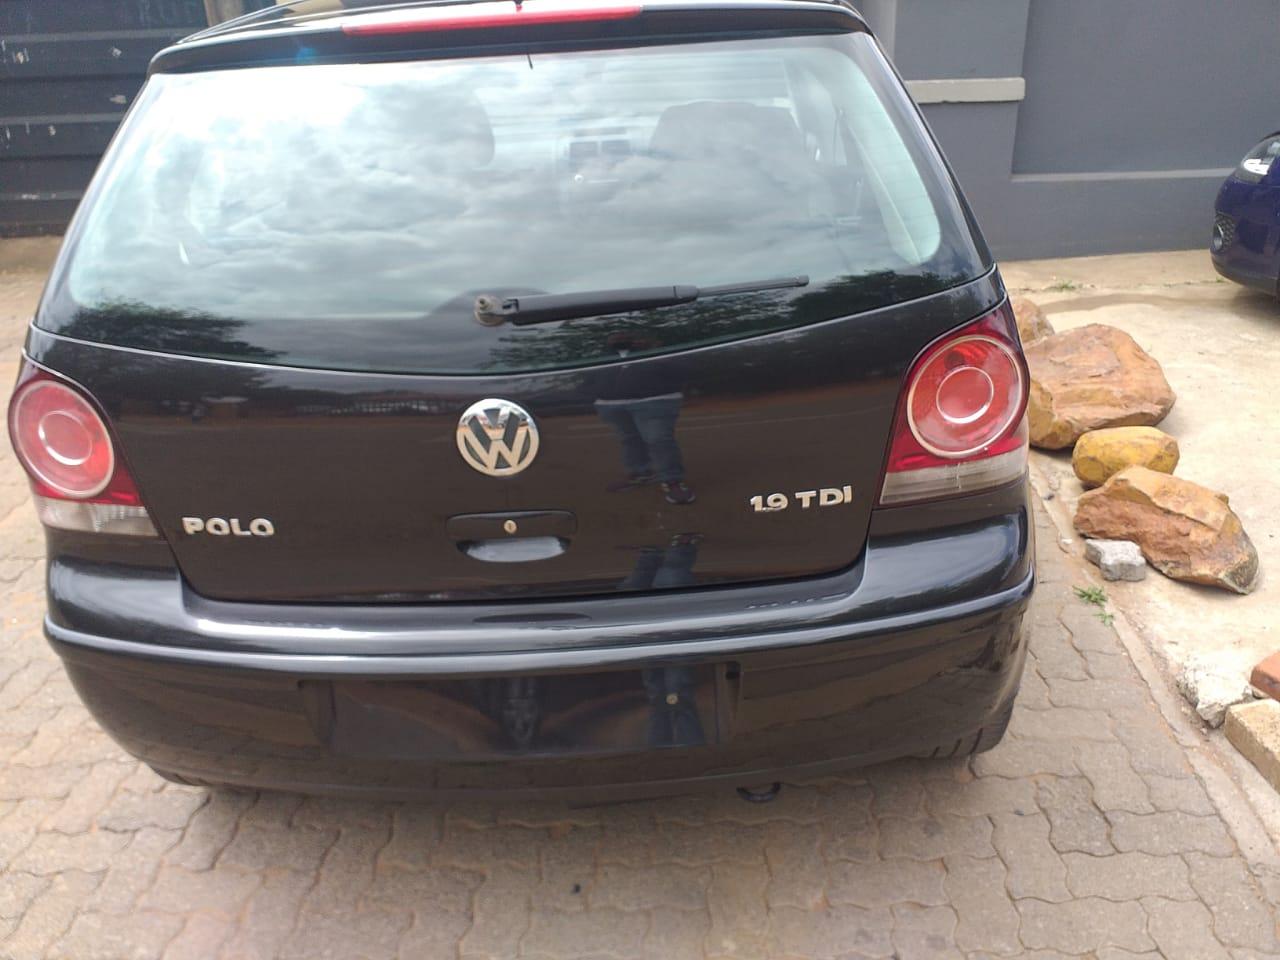 2007 VW Polo 1.9TDI 74kW Highline